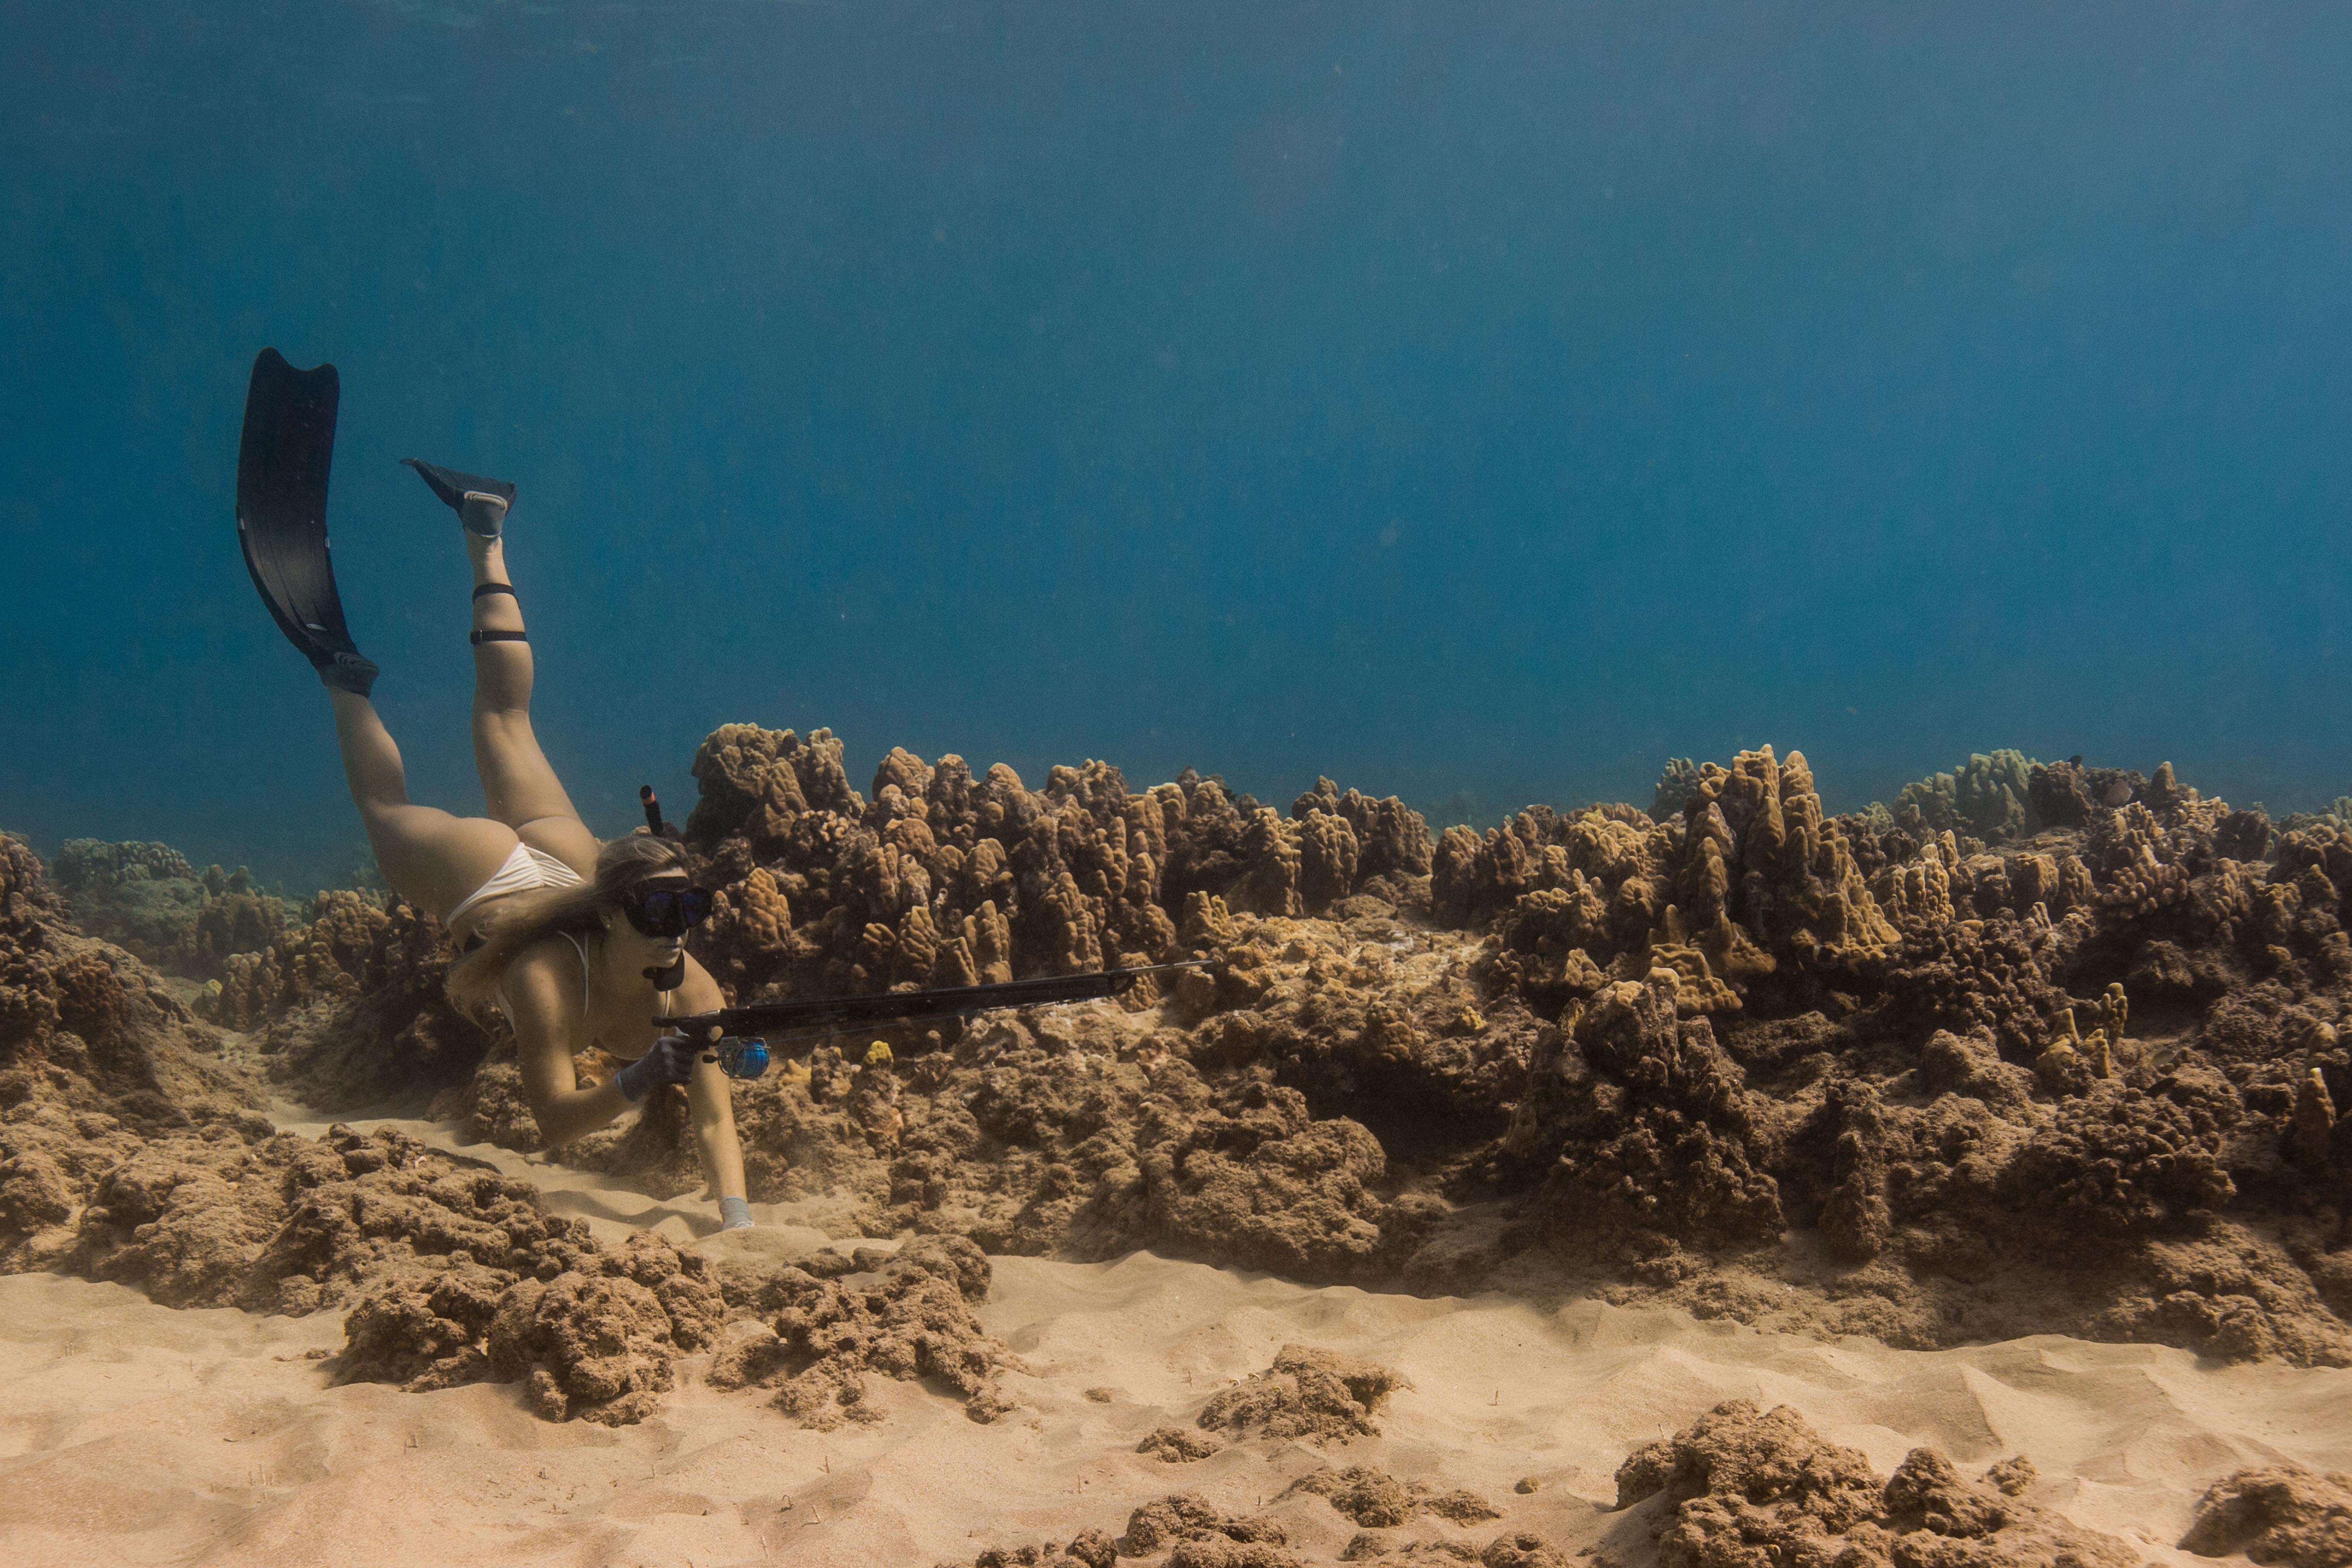 Hawaii-on betiltanak naptejeket, mert roncsolják a korallokat